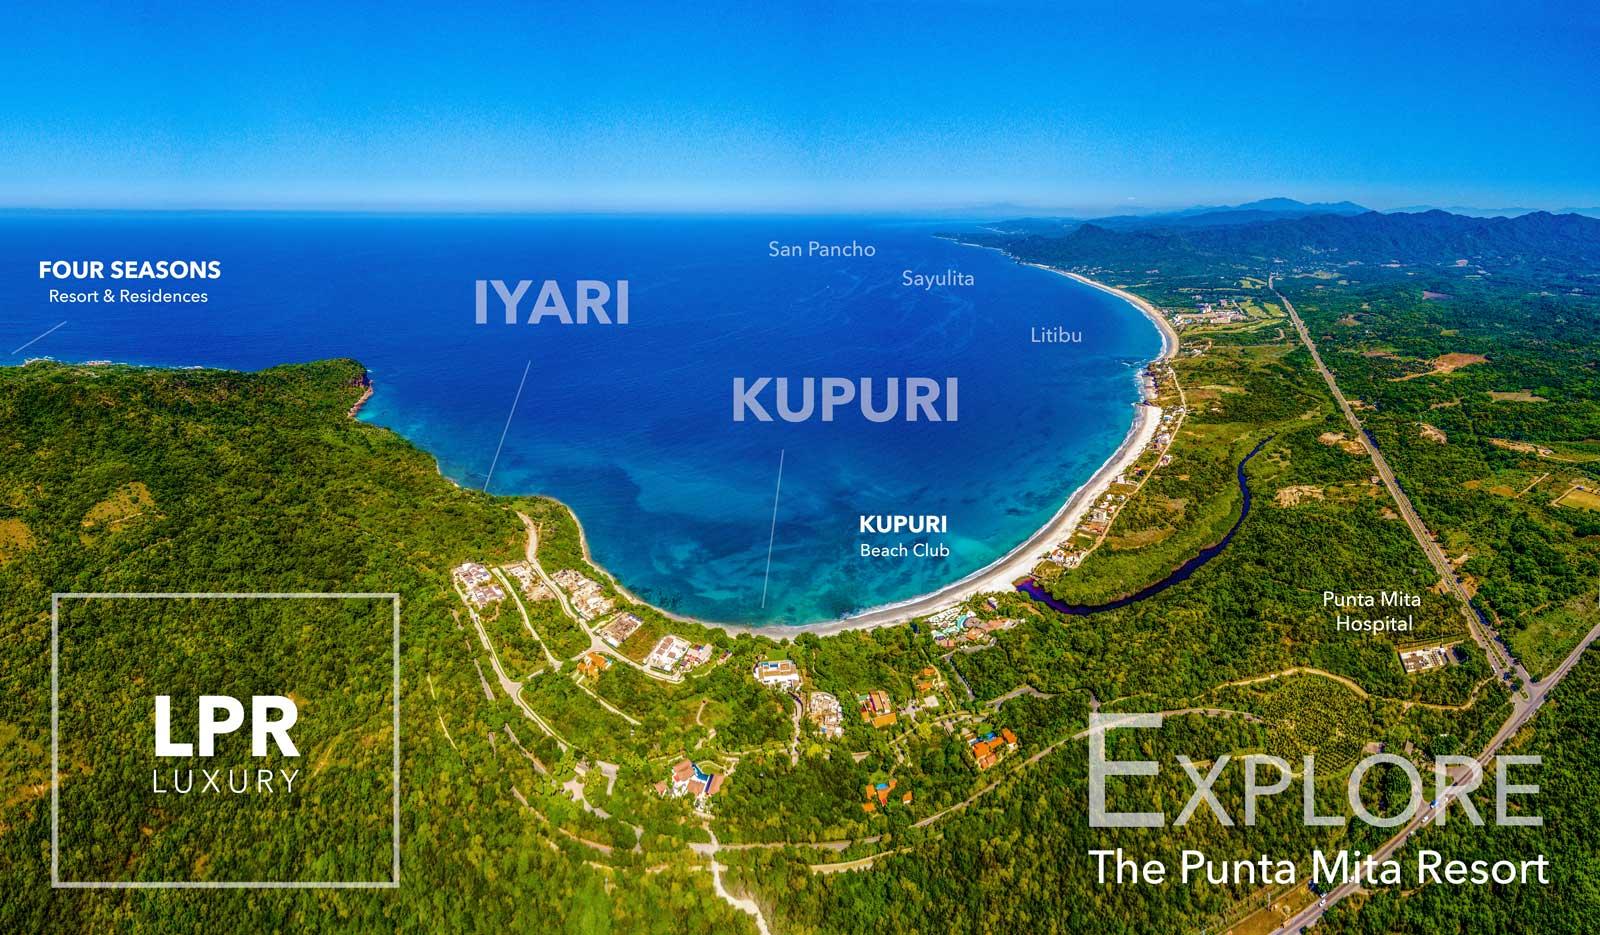 Kupuri & Iyari - Punta Mita Real Estate : Luxury Resort Villas, Estates & Homesites